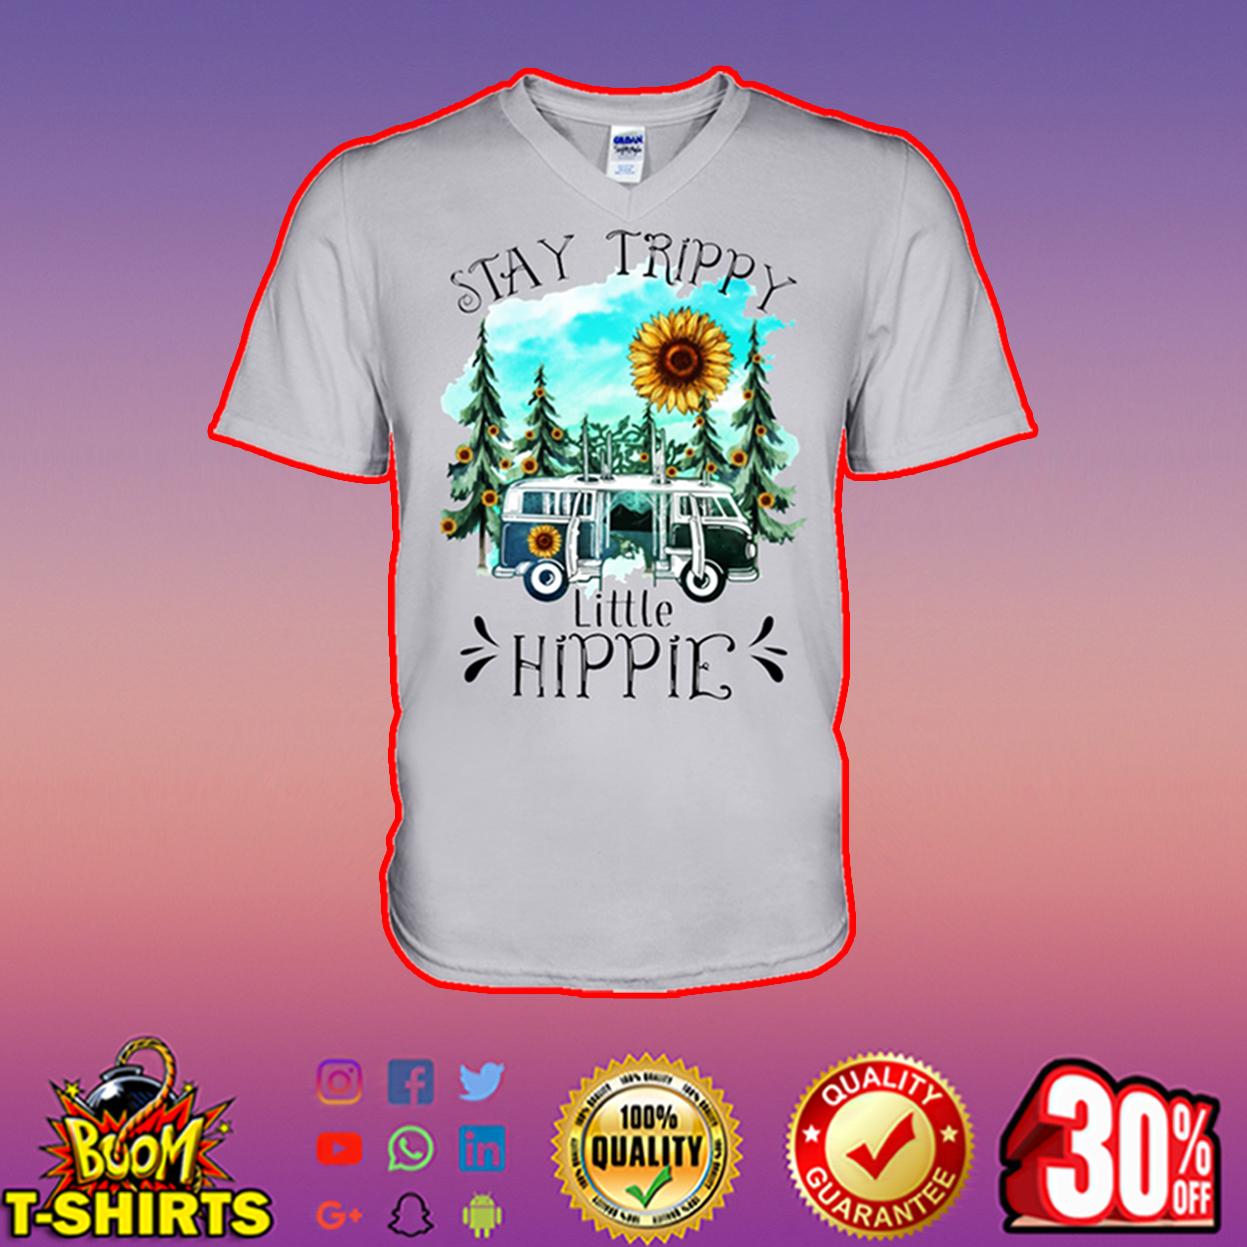 Stay Trippy Little Hippie Sunflower v-neck